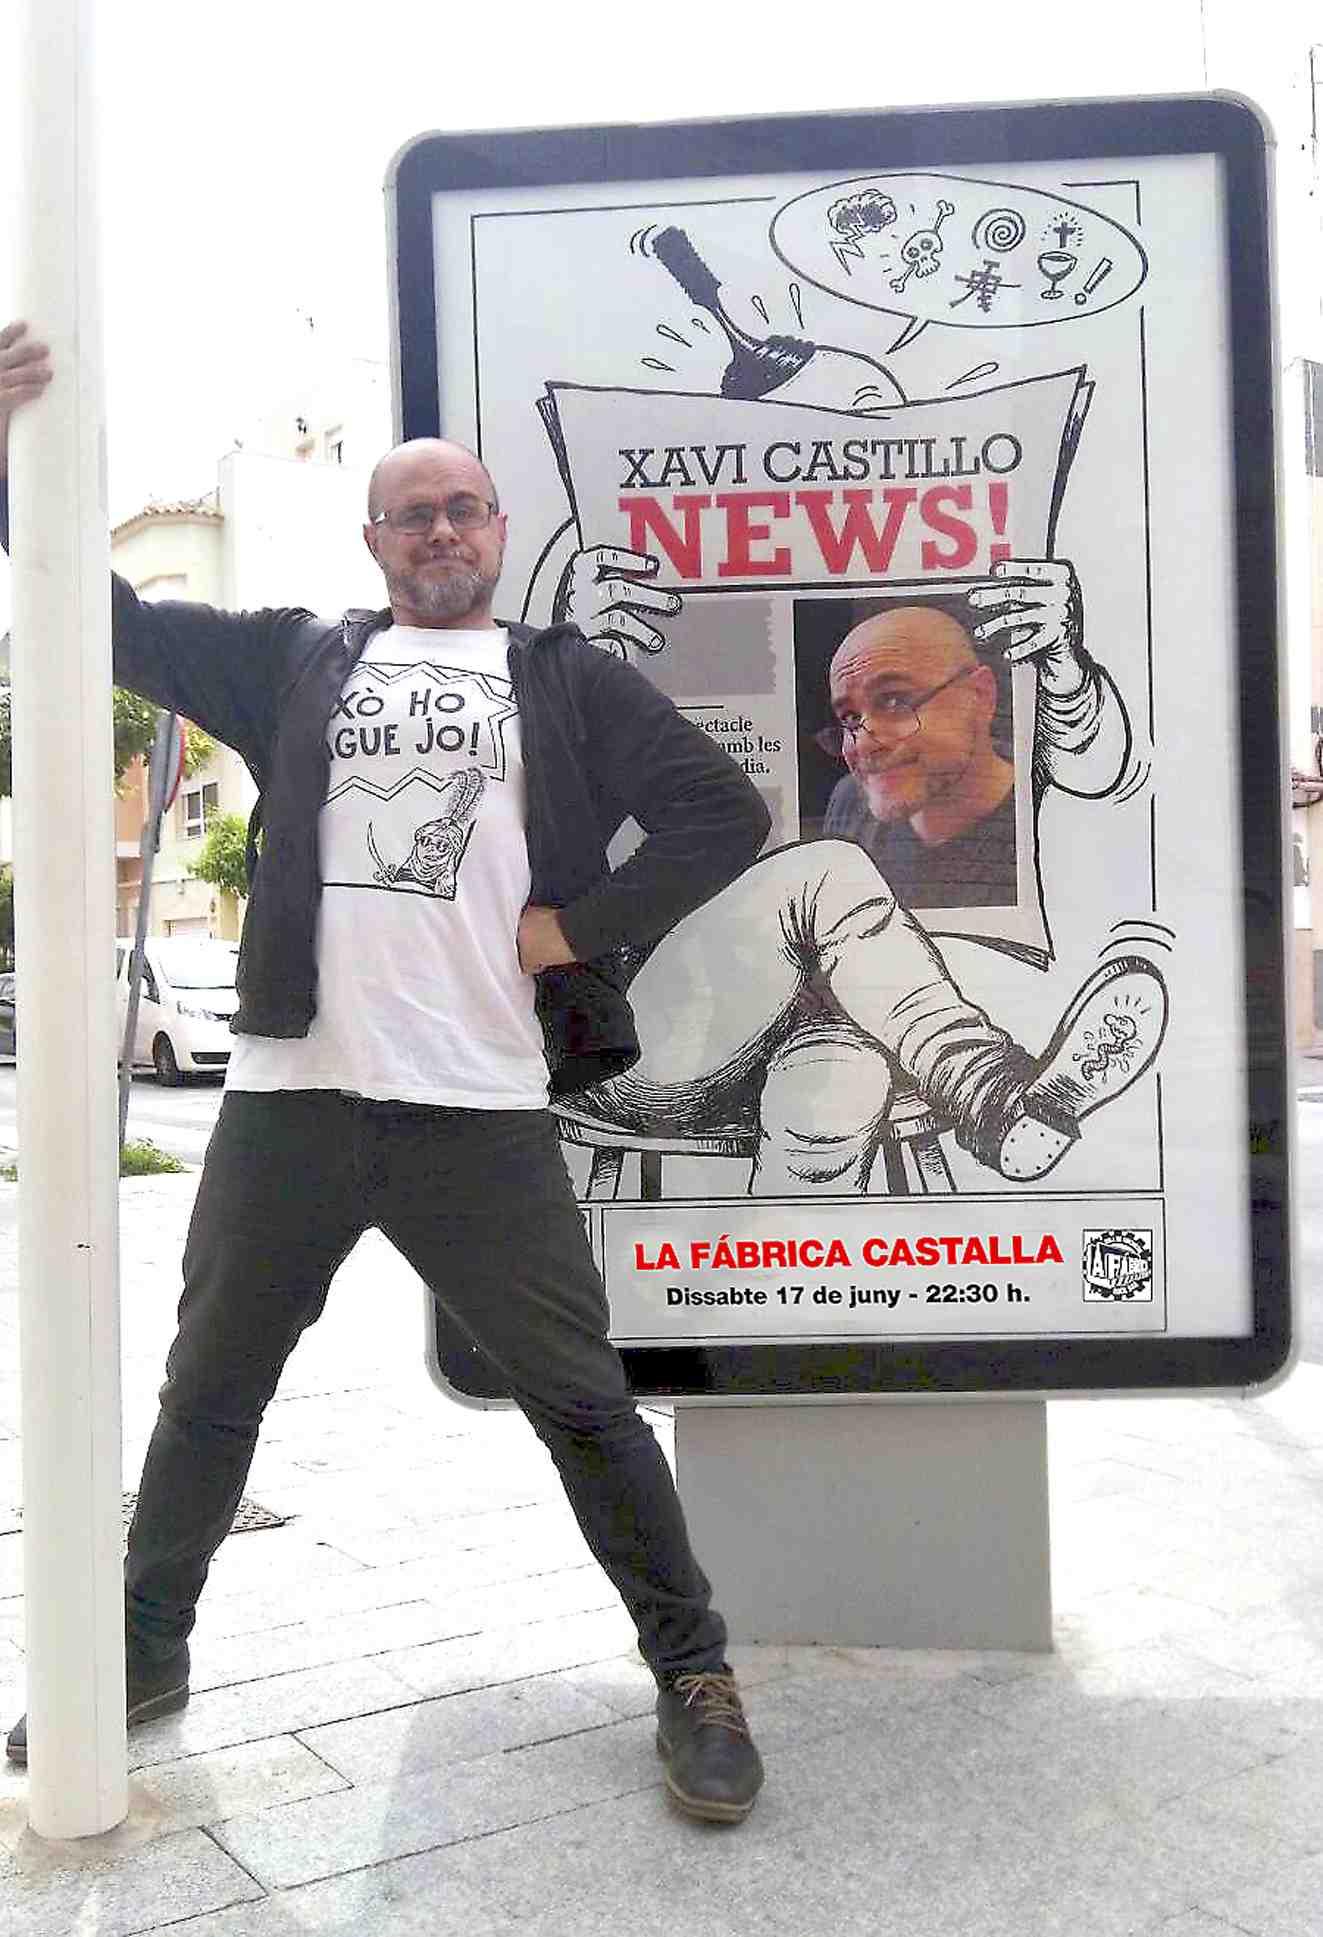 """Xavi Castillo: """"No hi ha humor d'esquerres o de dretes; existeix, simplement, l'humor"""""""